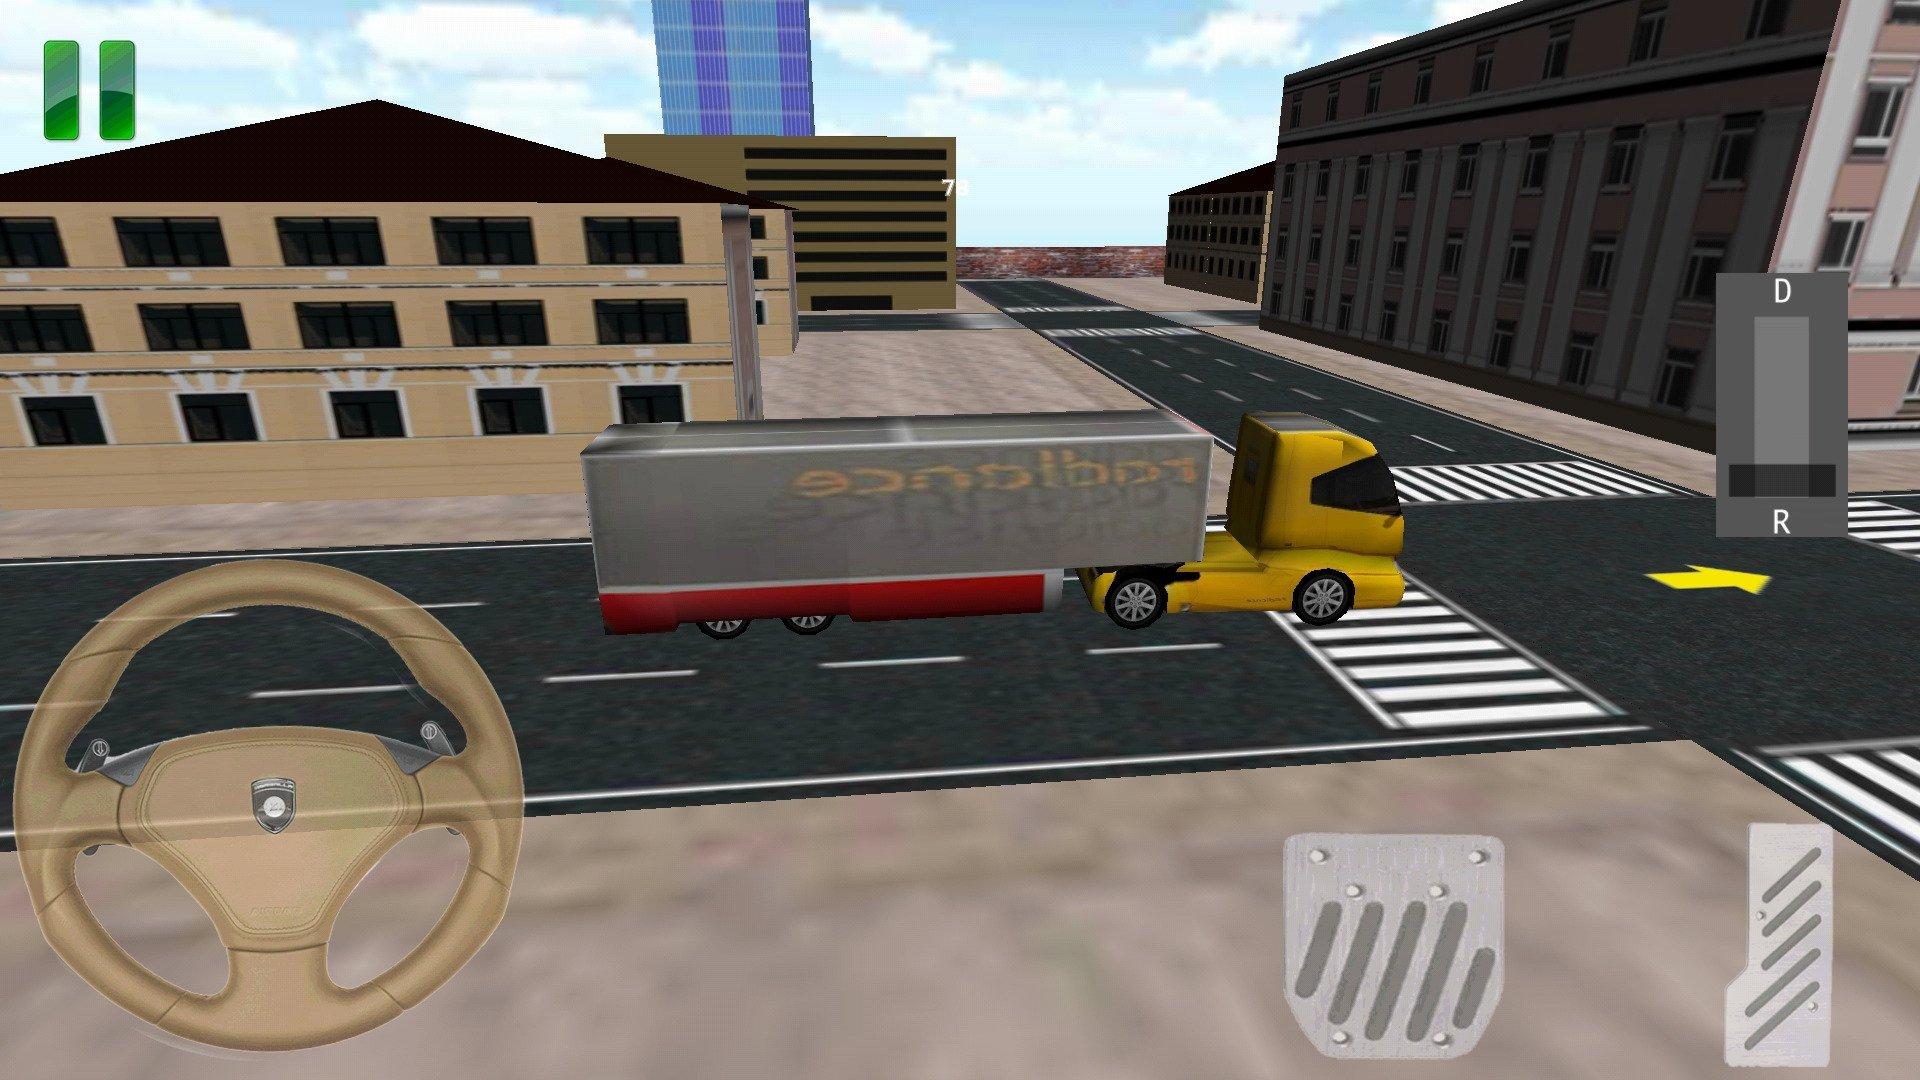 Truck Parking 3d 1 2 9 Telecharger Pour Android Apk Gratuitement